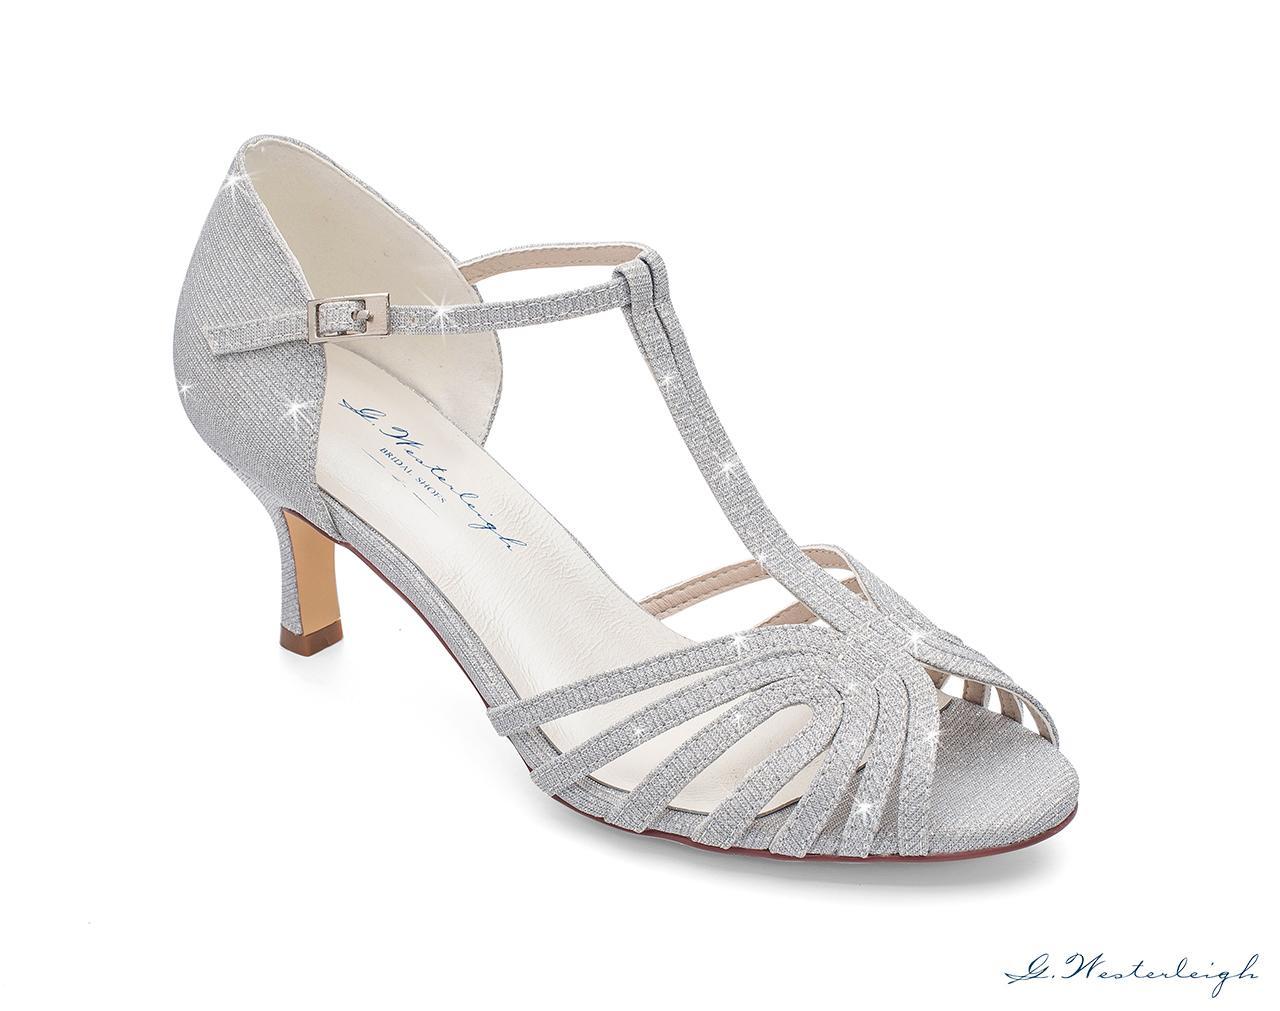 Spoločenské topánky Isabelle - Obrázok č. 1